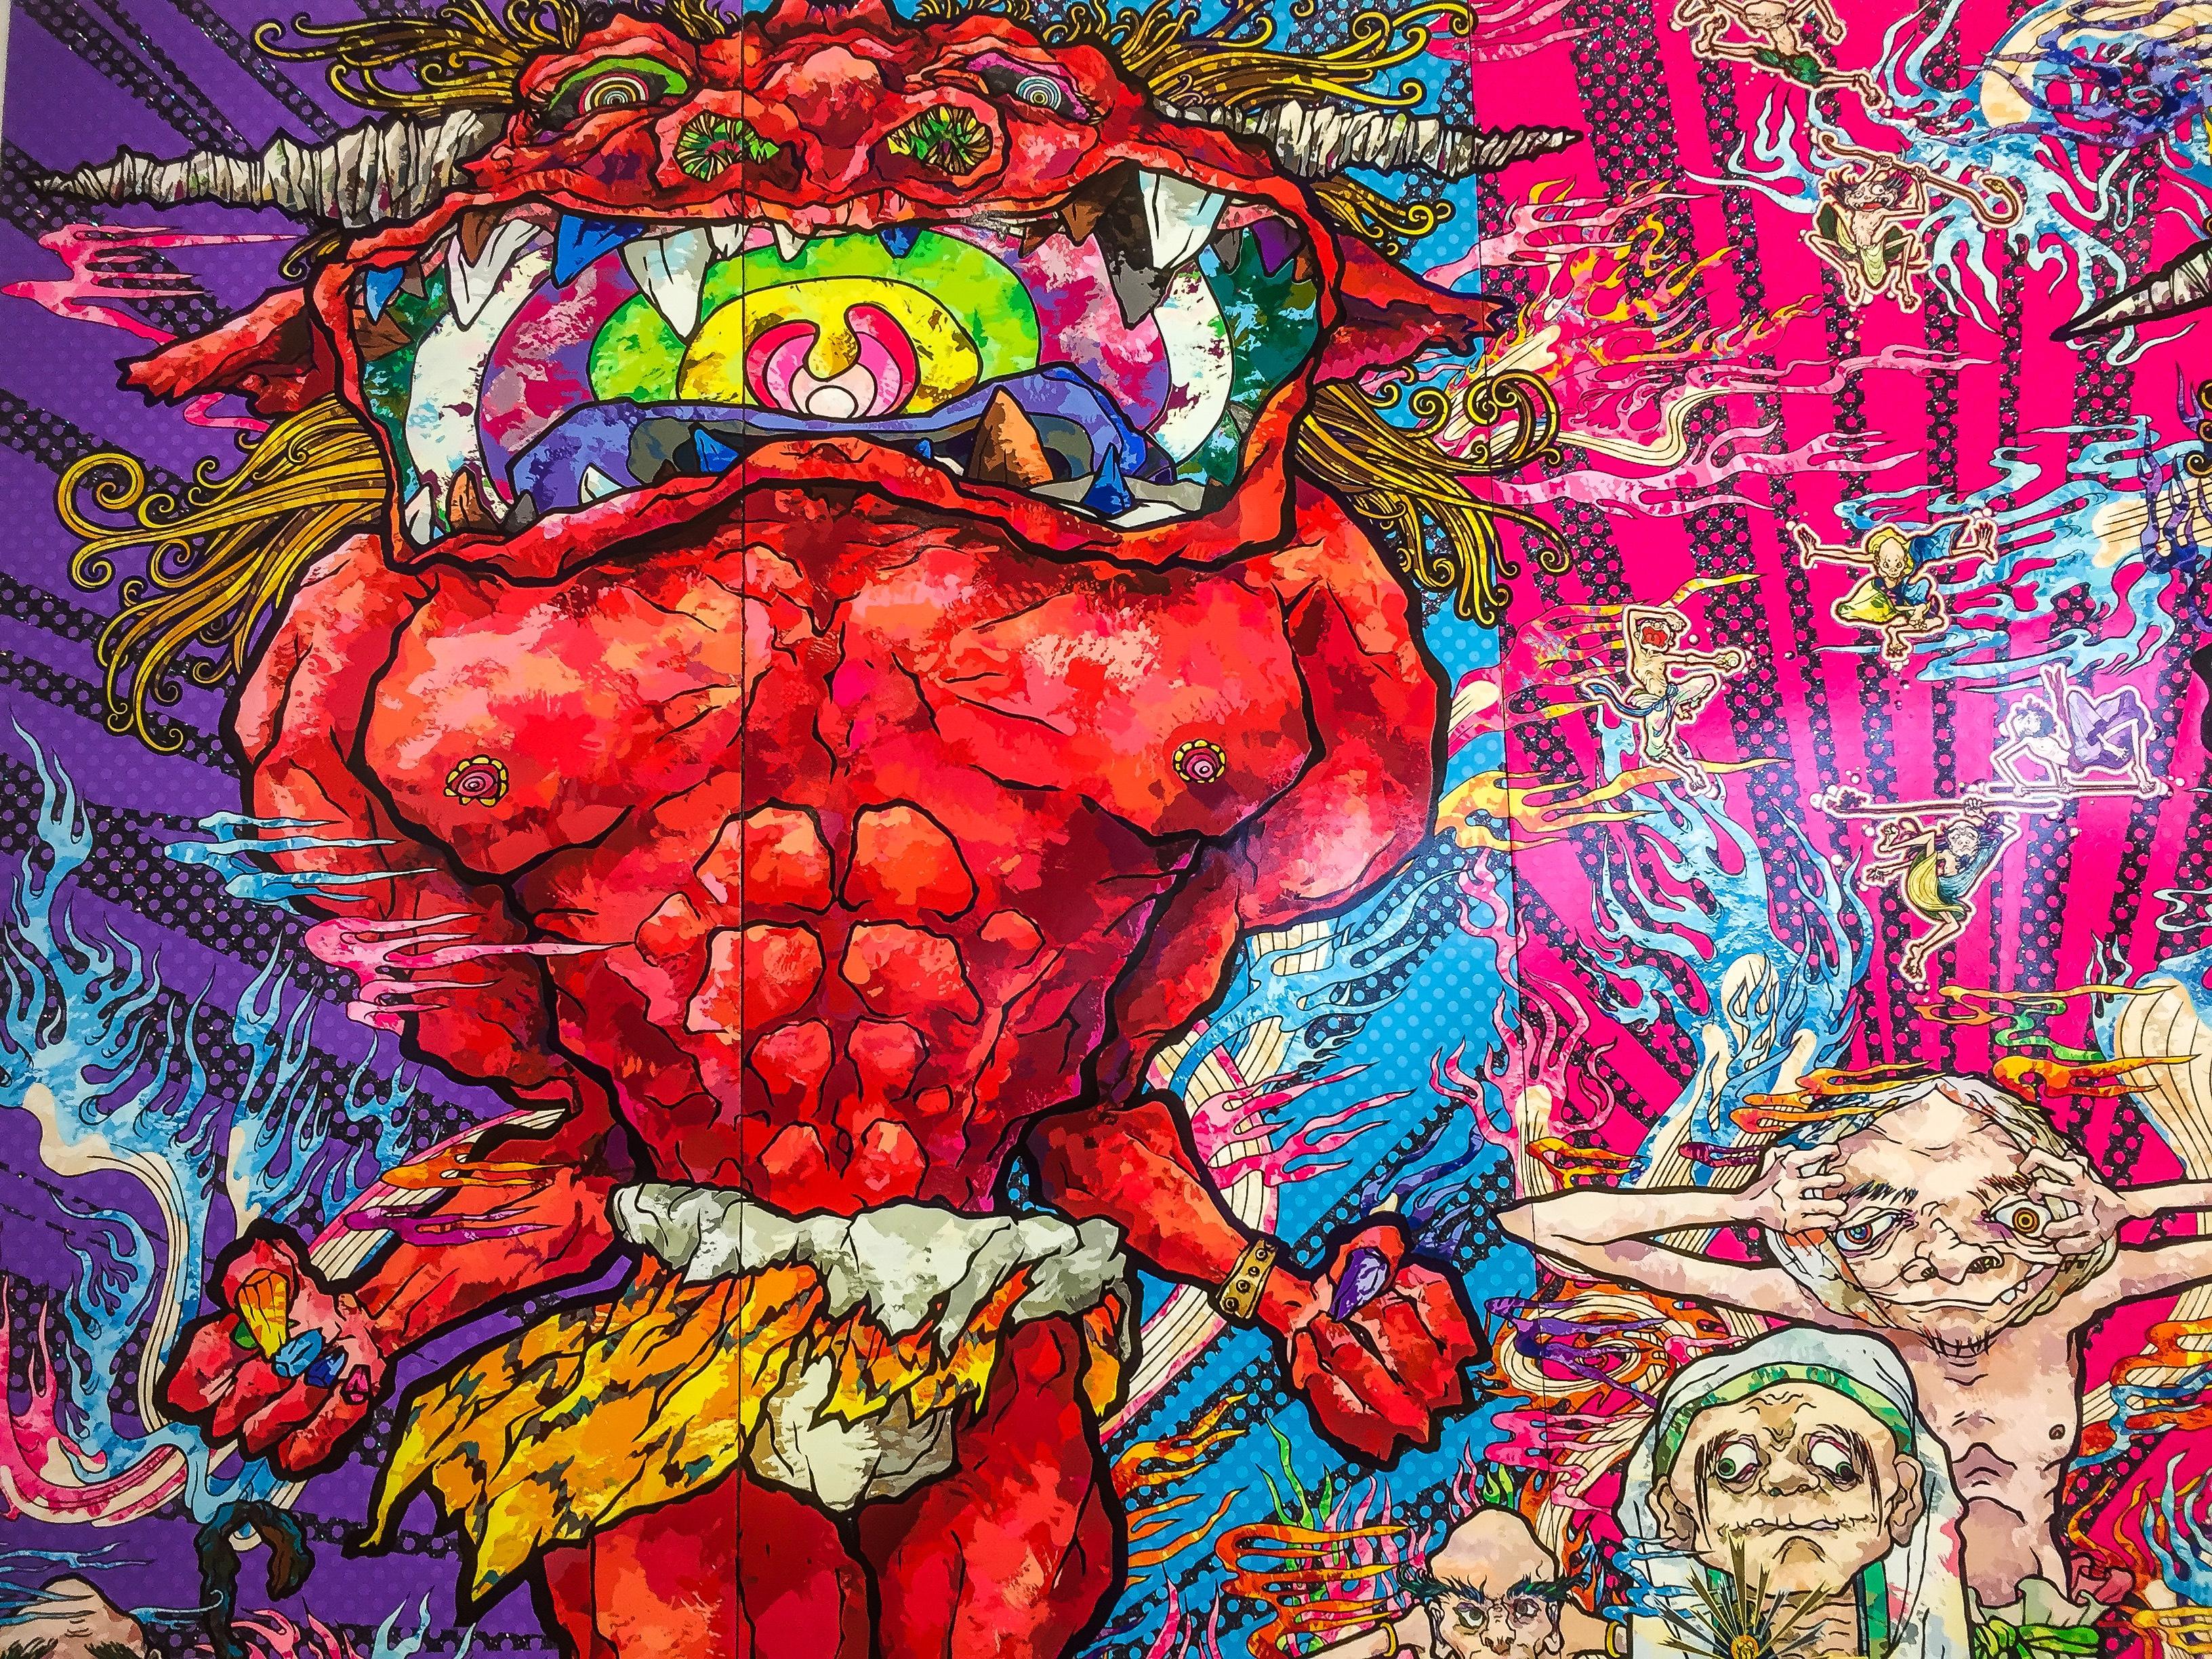 Red-demon-in-murakami-painting